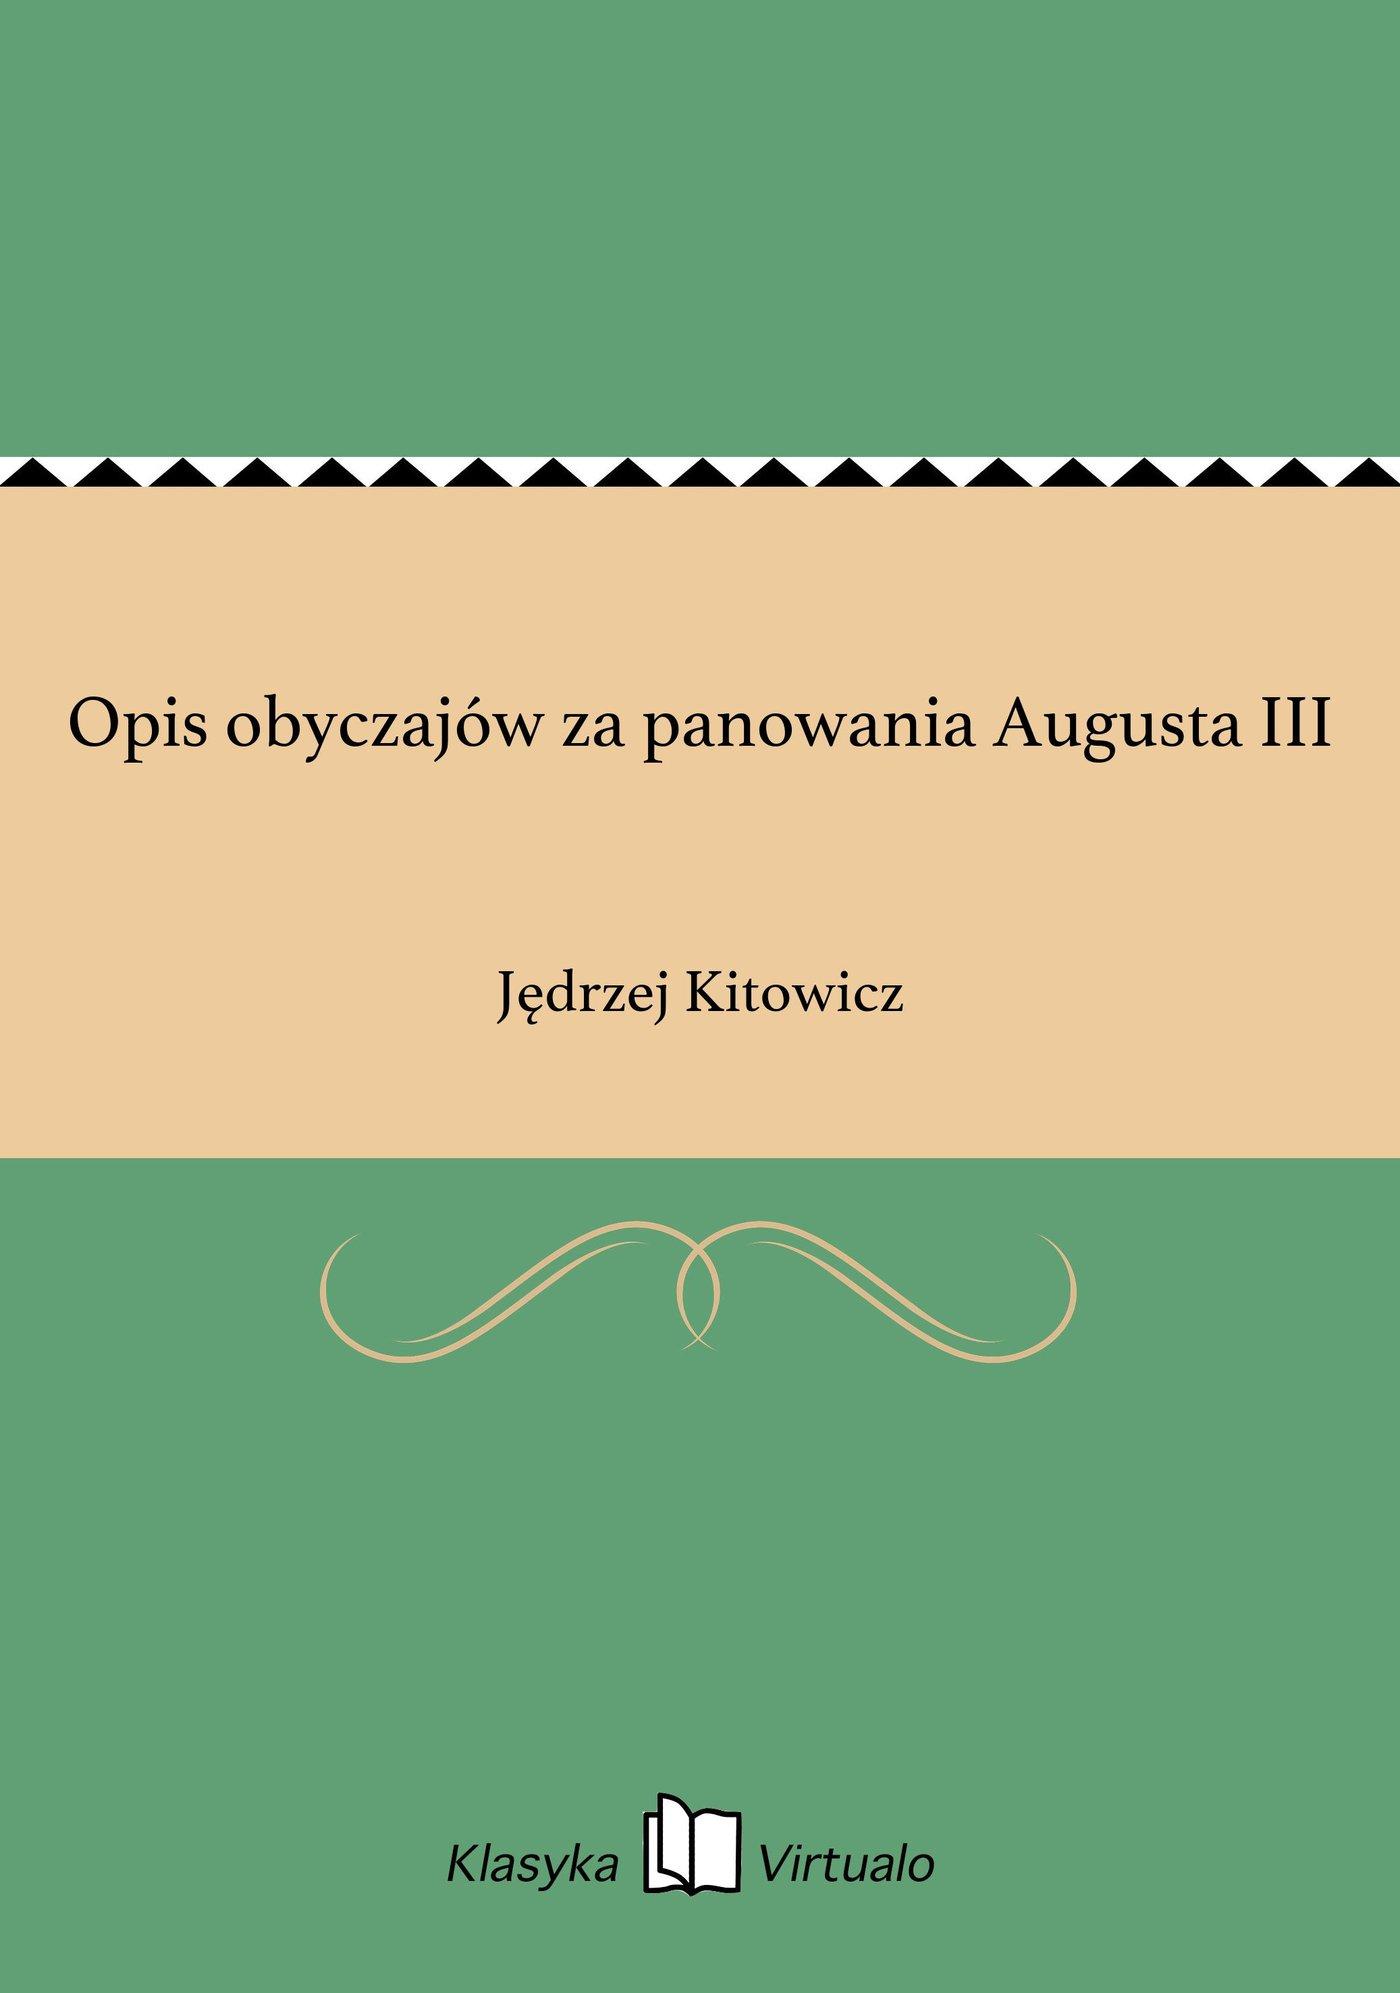 Opis obyczajów za panowania Augusta III - Ebook (Książka EPUB) do pobrania w formacie EPUB